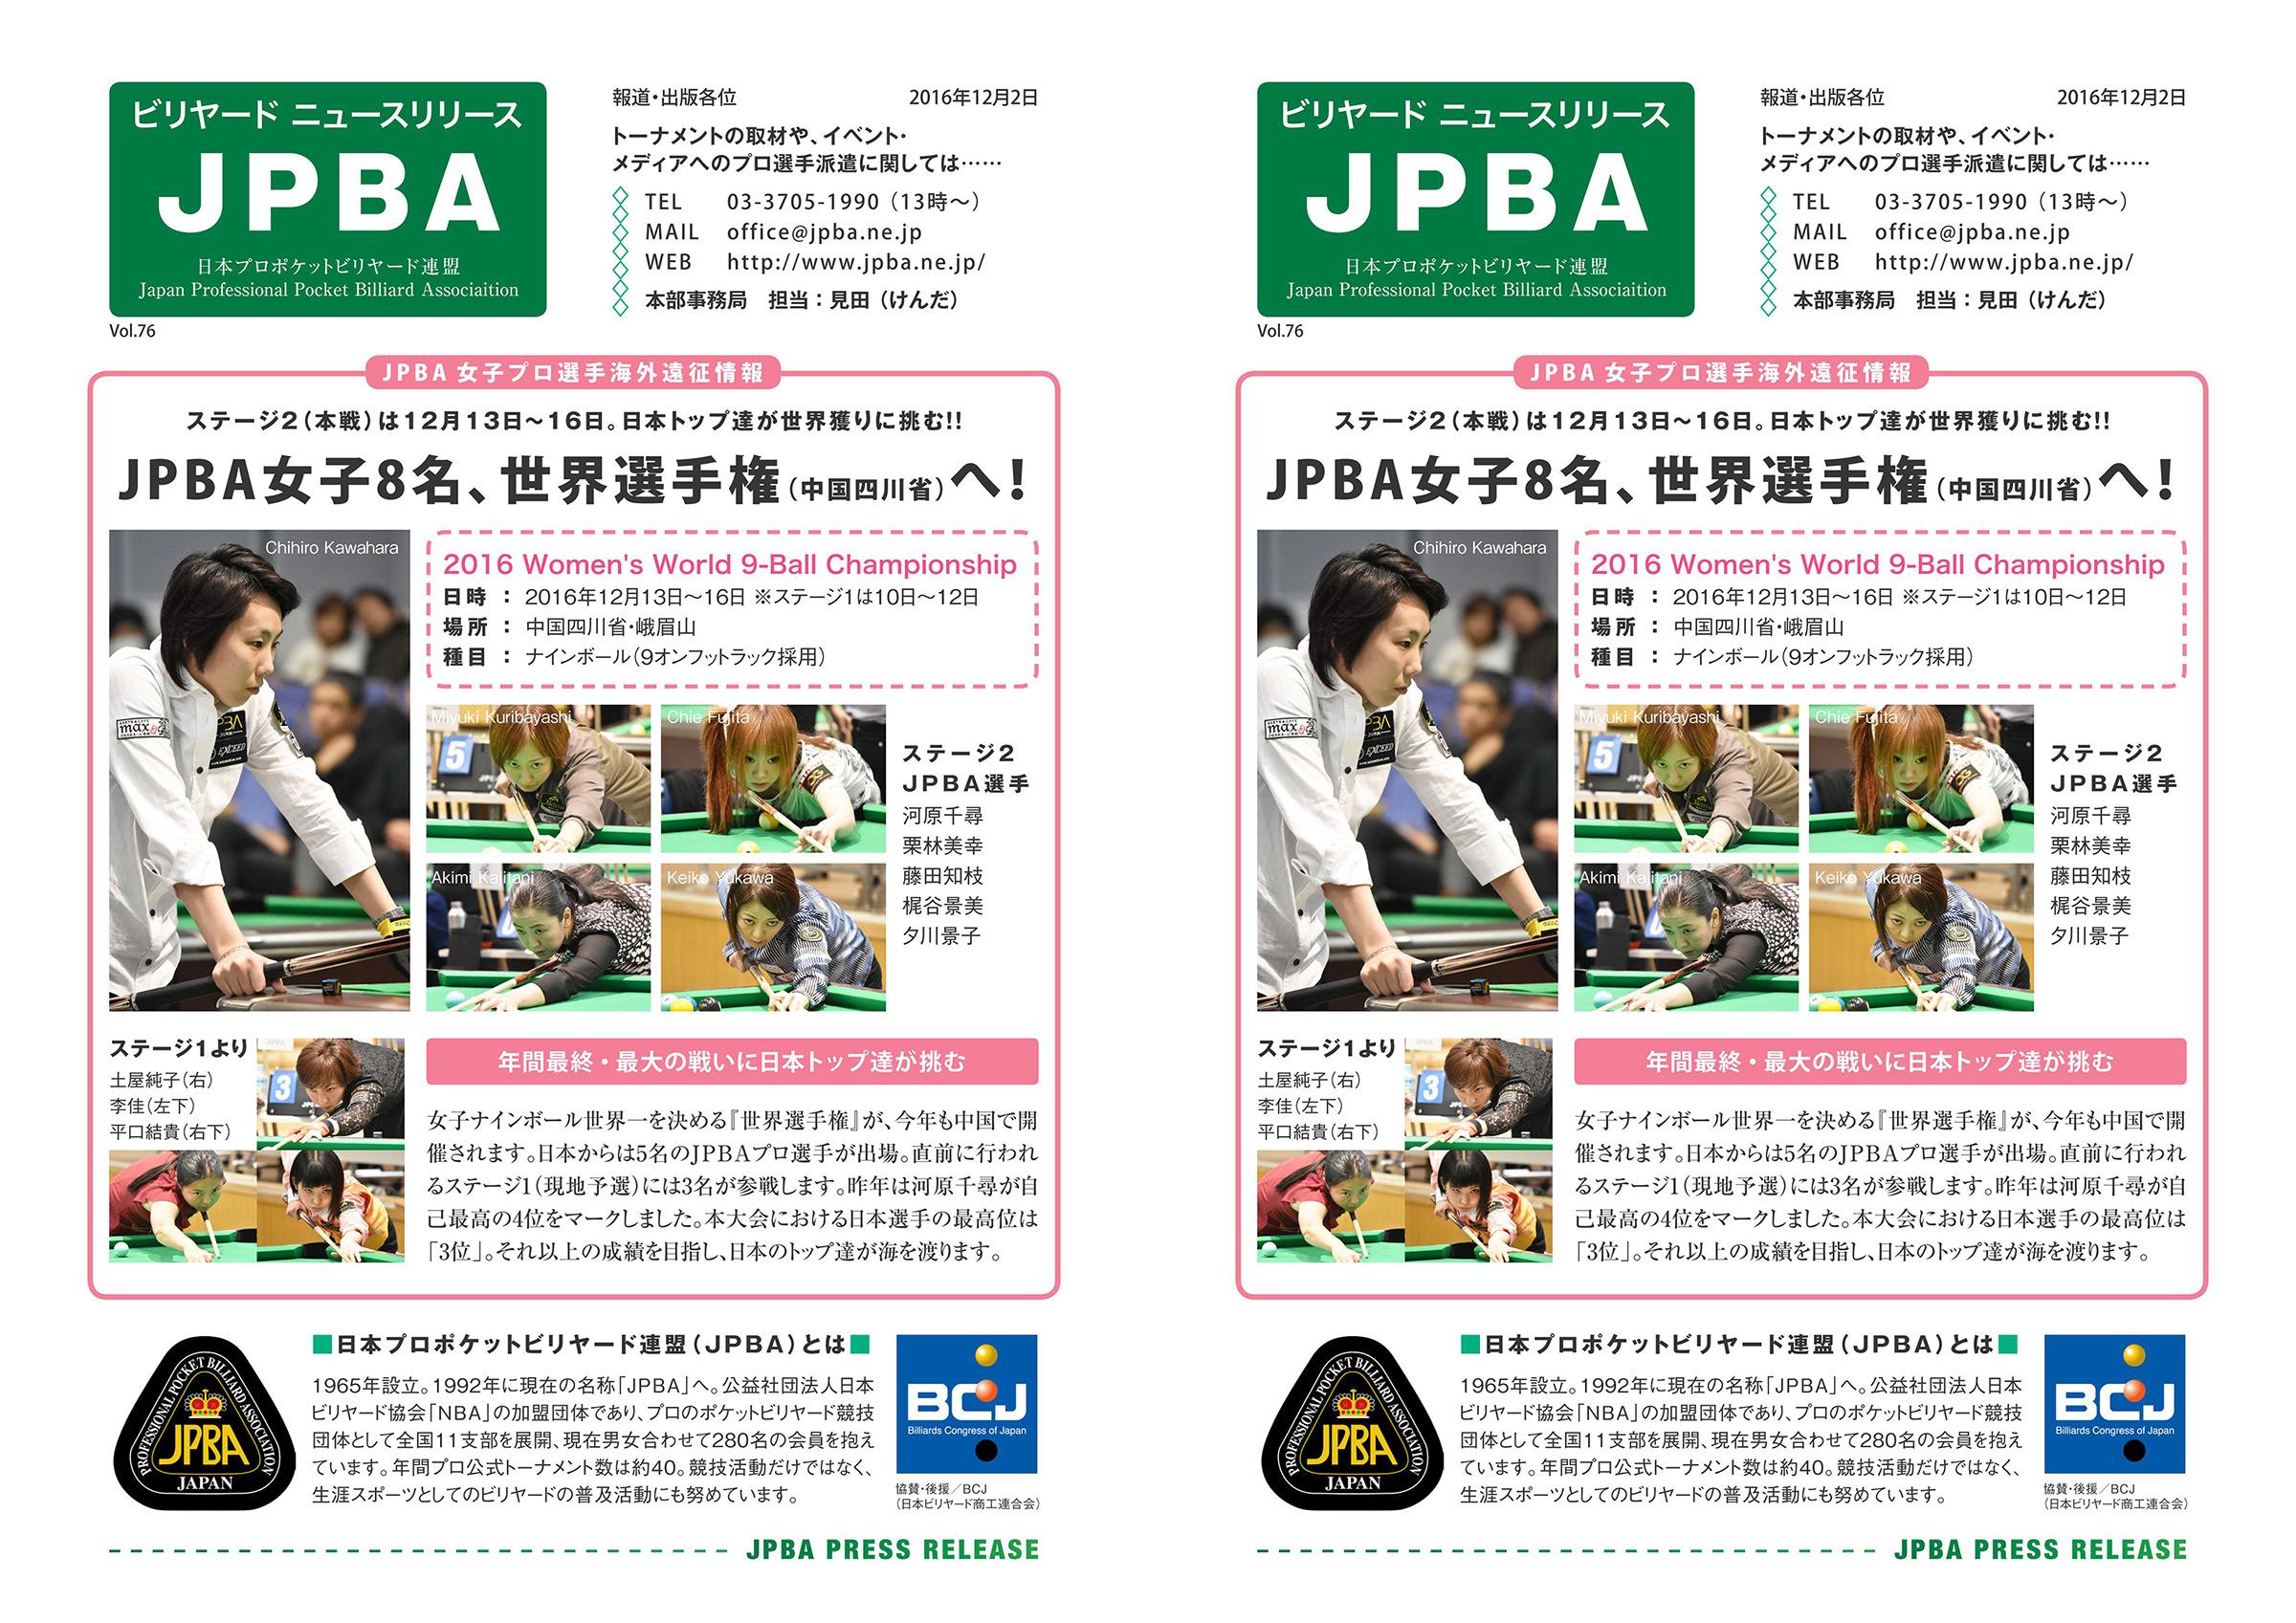 jpba-pr-76_01-yoko